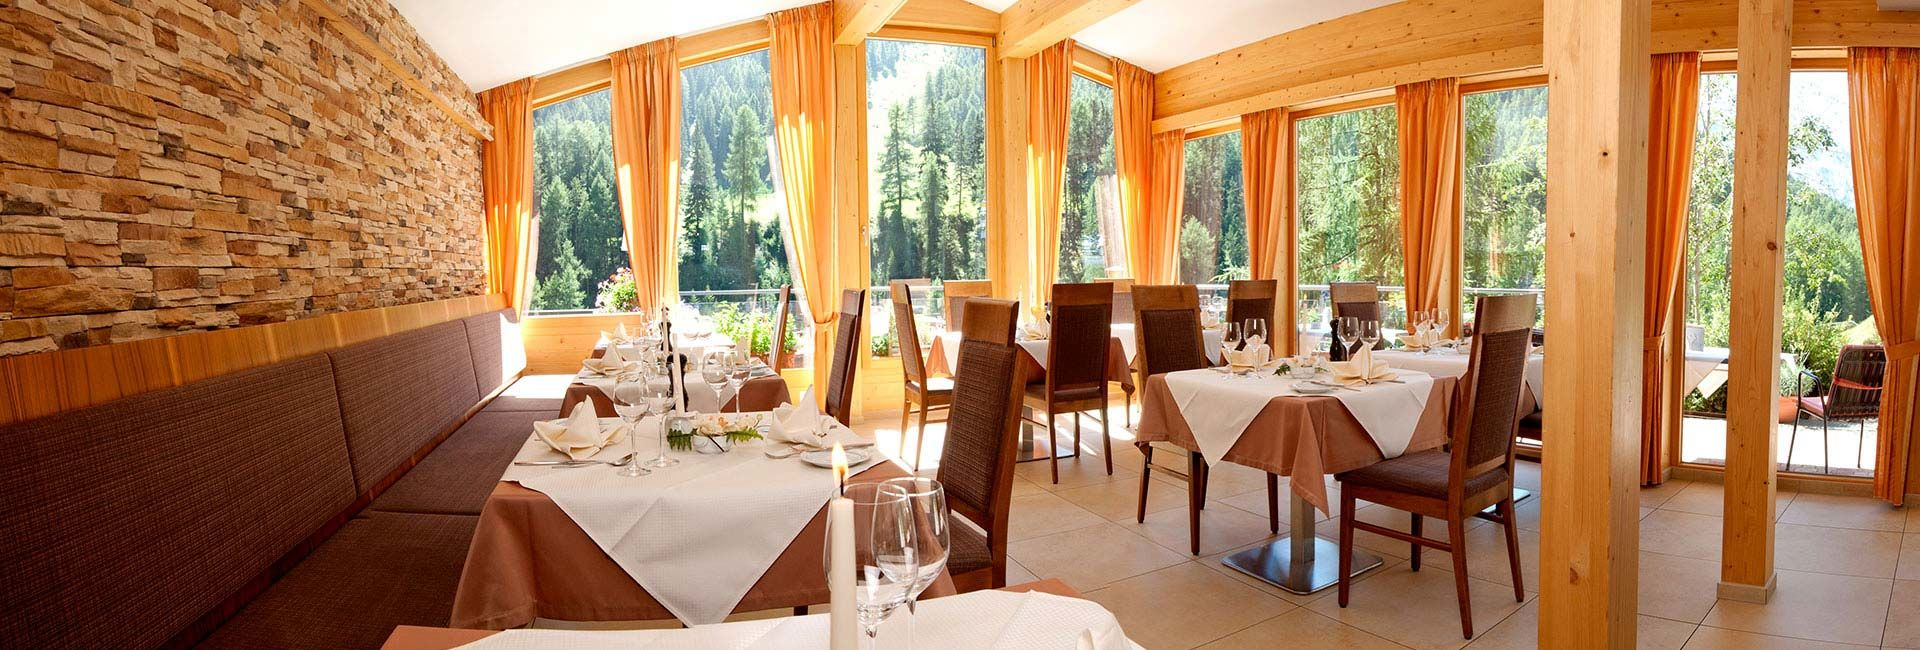 Samnaun - Speisesaal Hotel Romantica